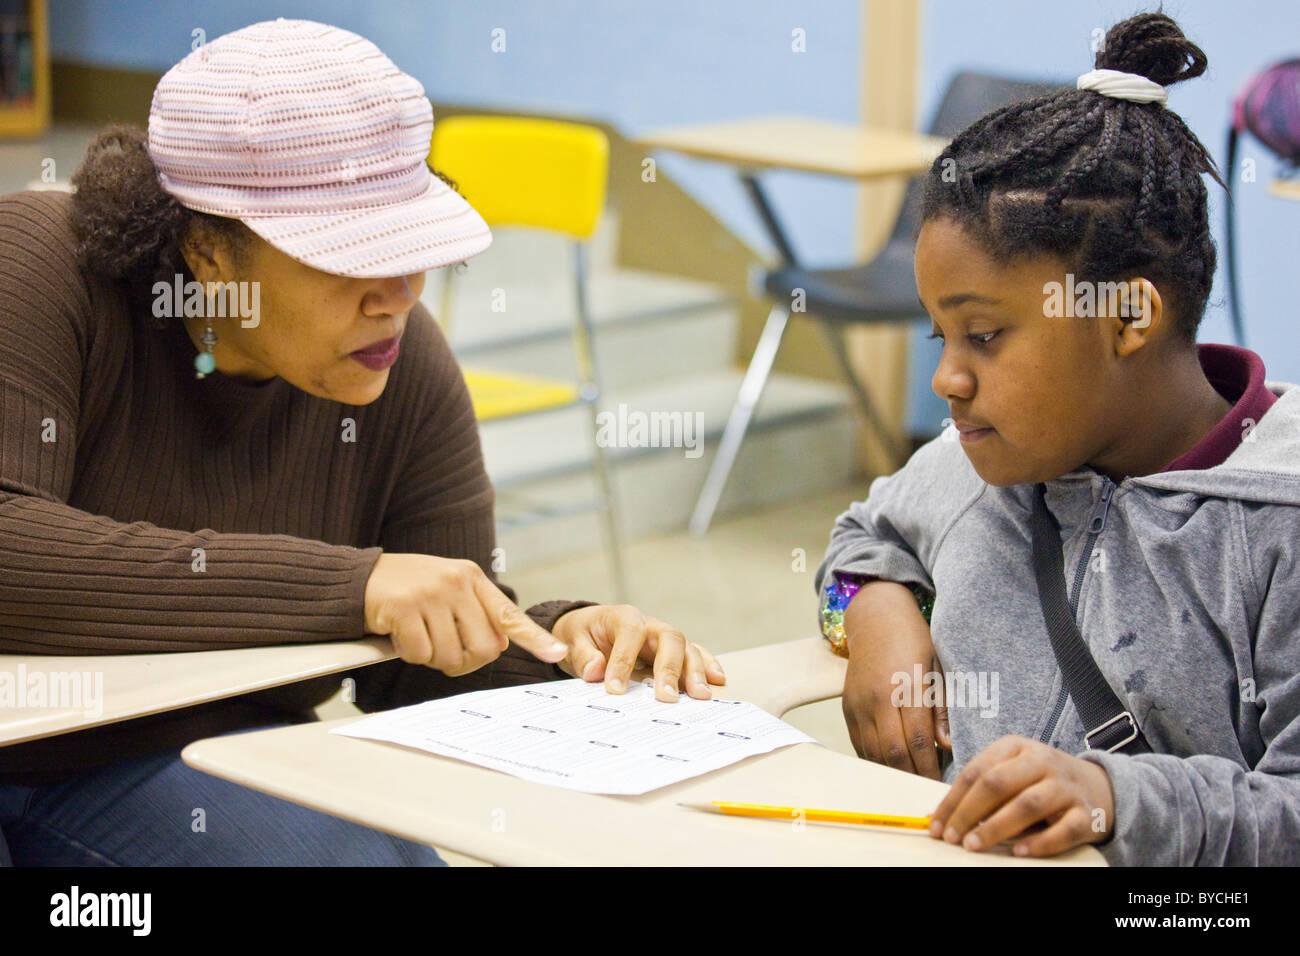 Studente e insegnante in un aula in Washington DC Immagini Stock